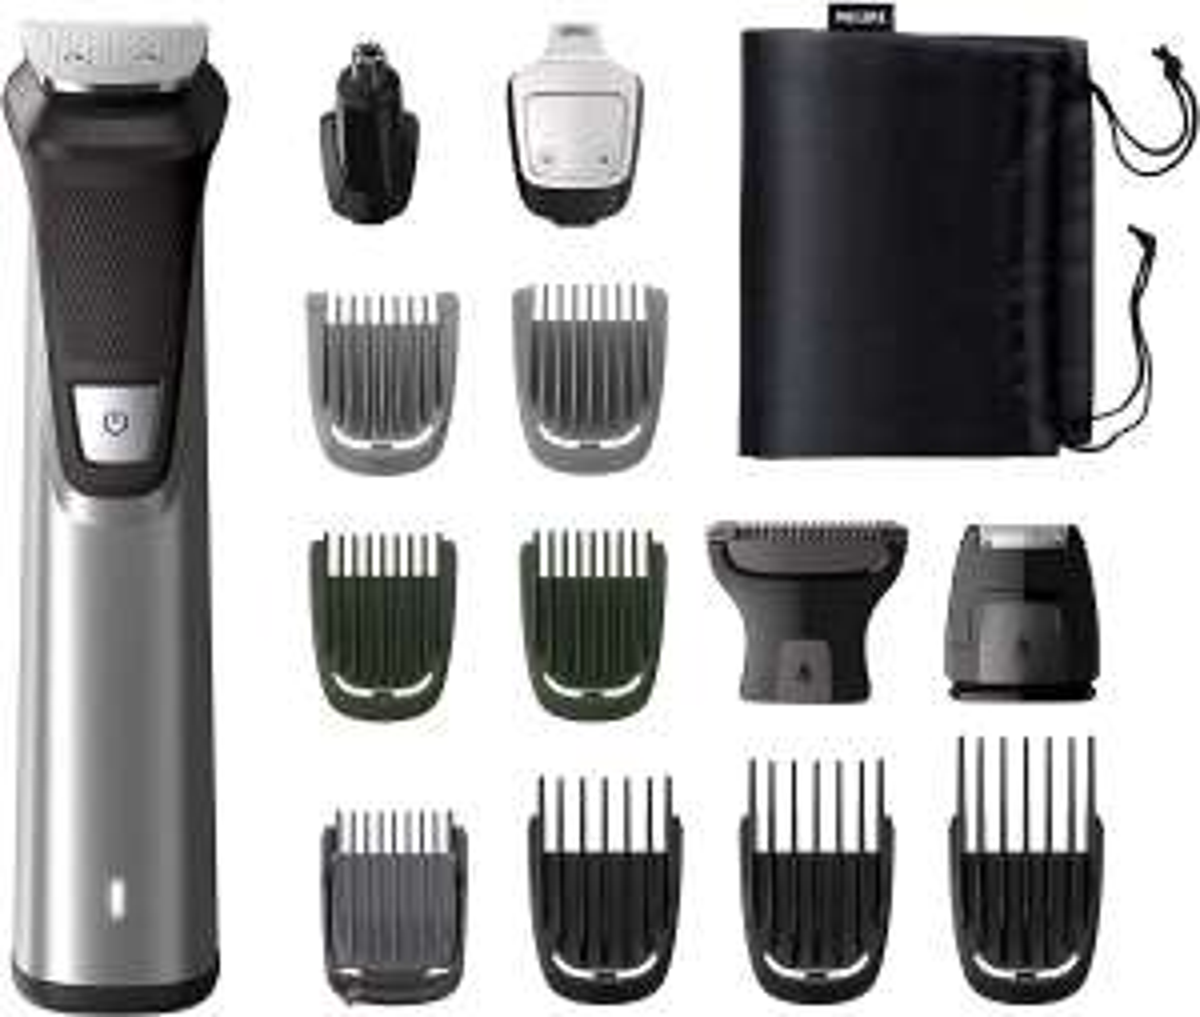 [Prime] Tondeuse à barbe & cheveux Philips Multigroom Series 7000 MG7745/15 - avec 8 sabots et accessoires